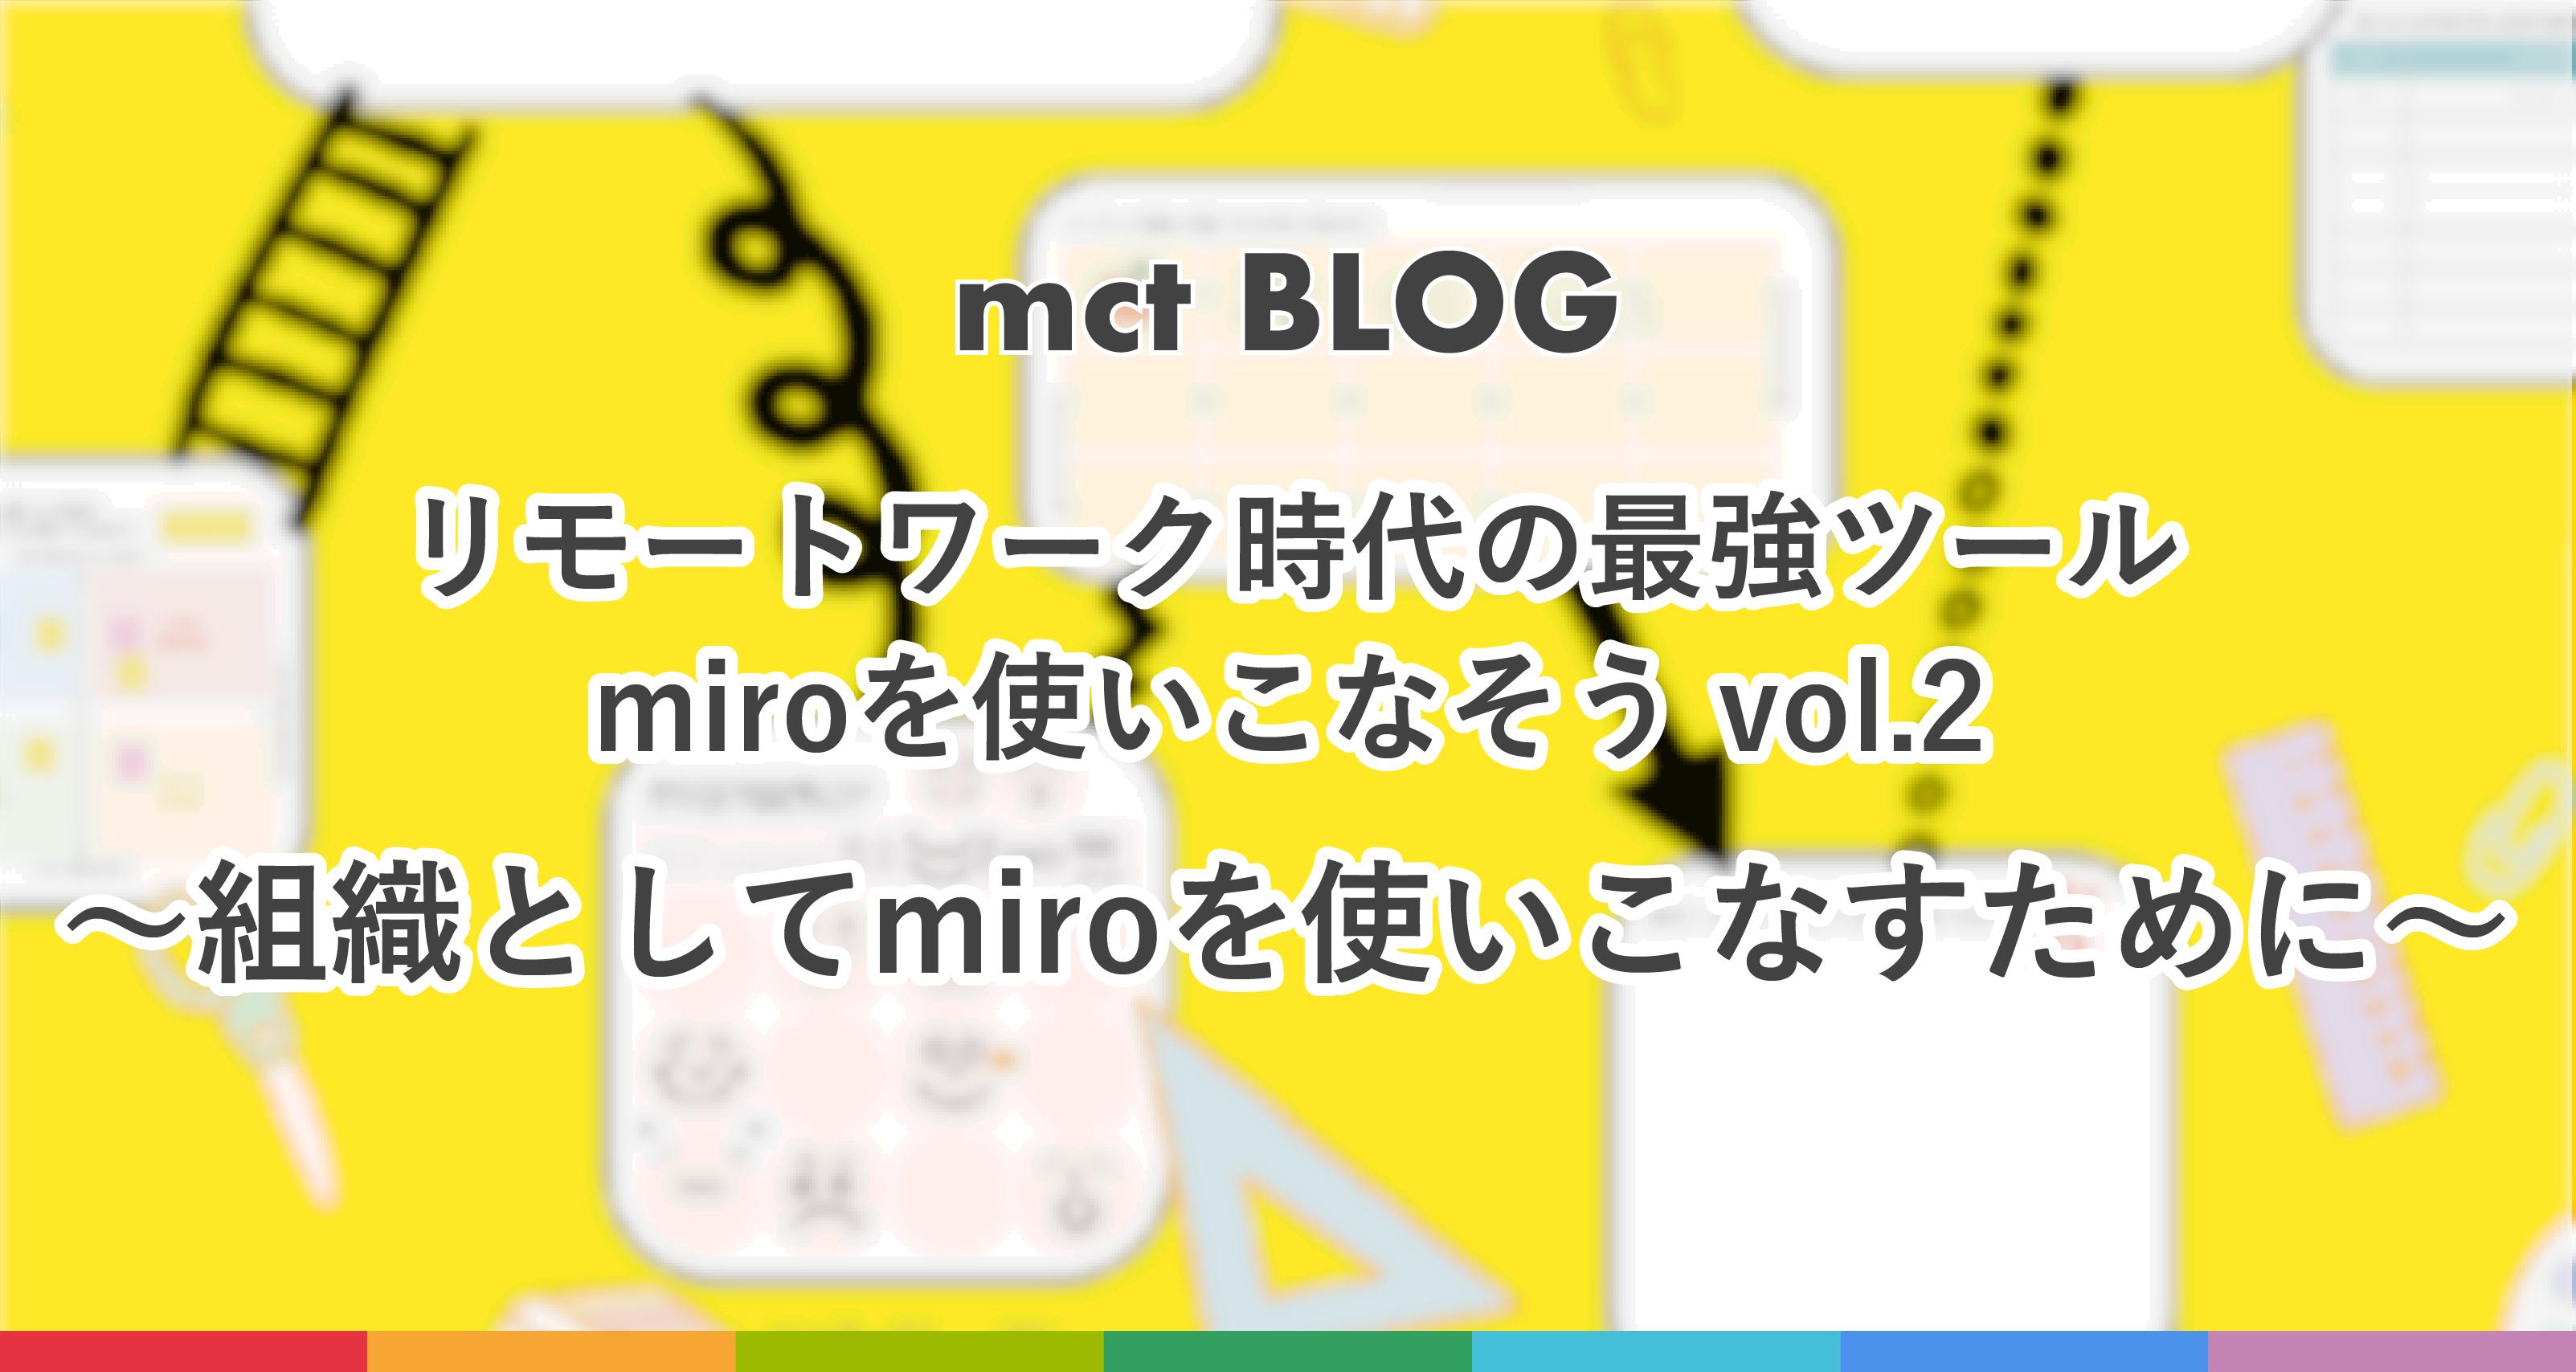 Blog リモートワーク時代の最強ツールmiroを使いこなそう vol.2